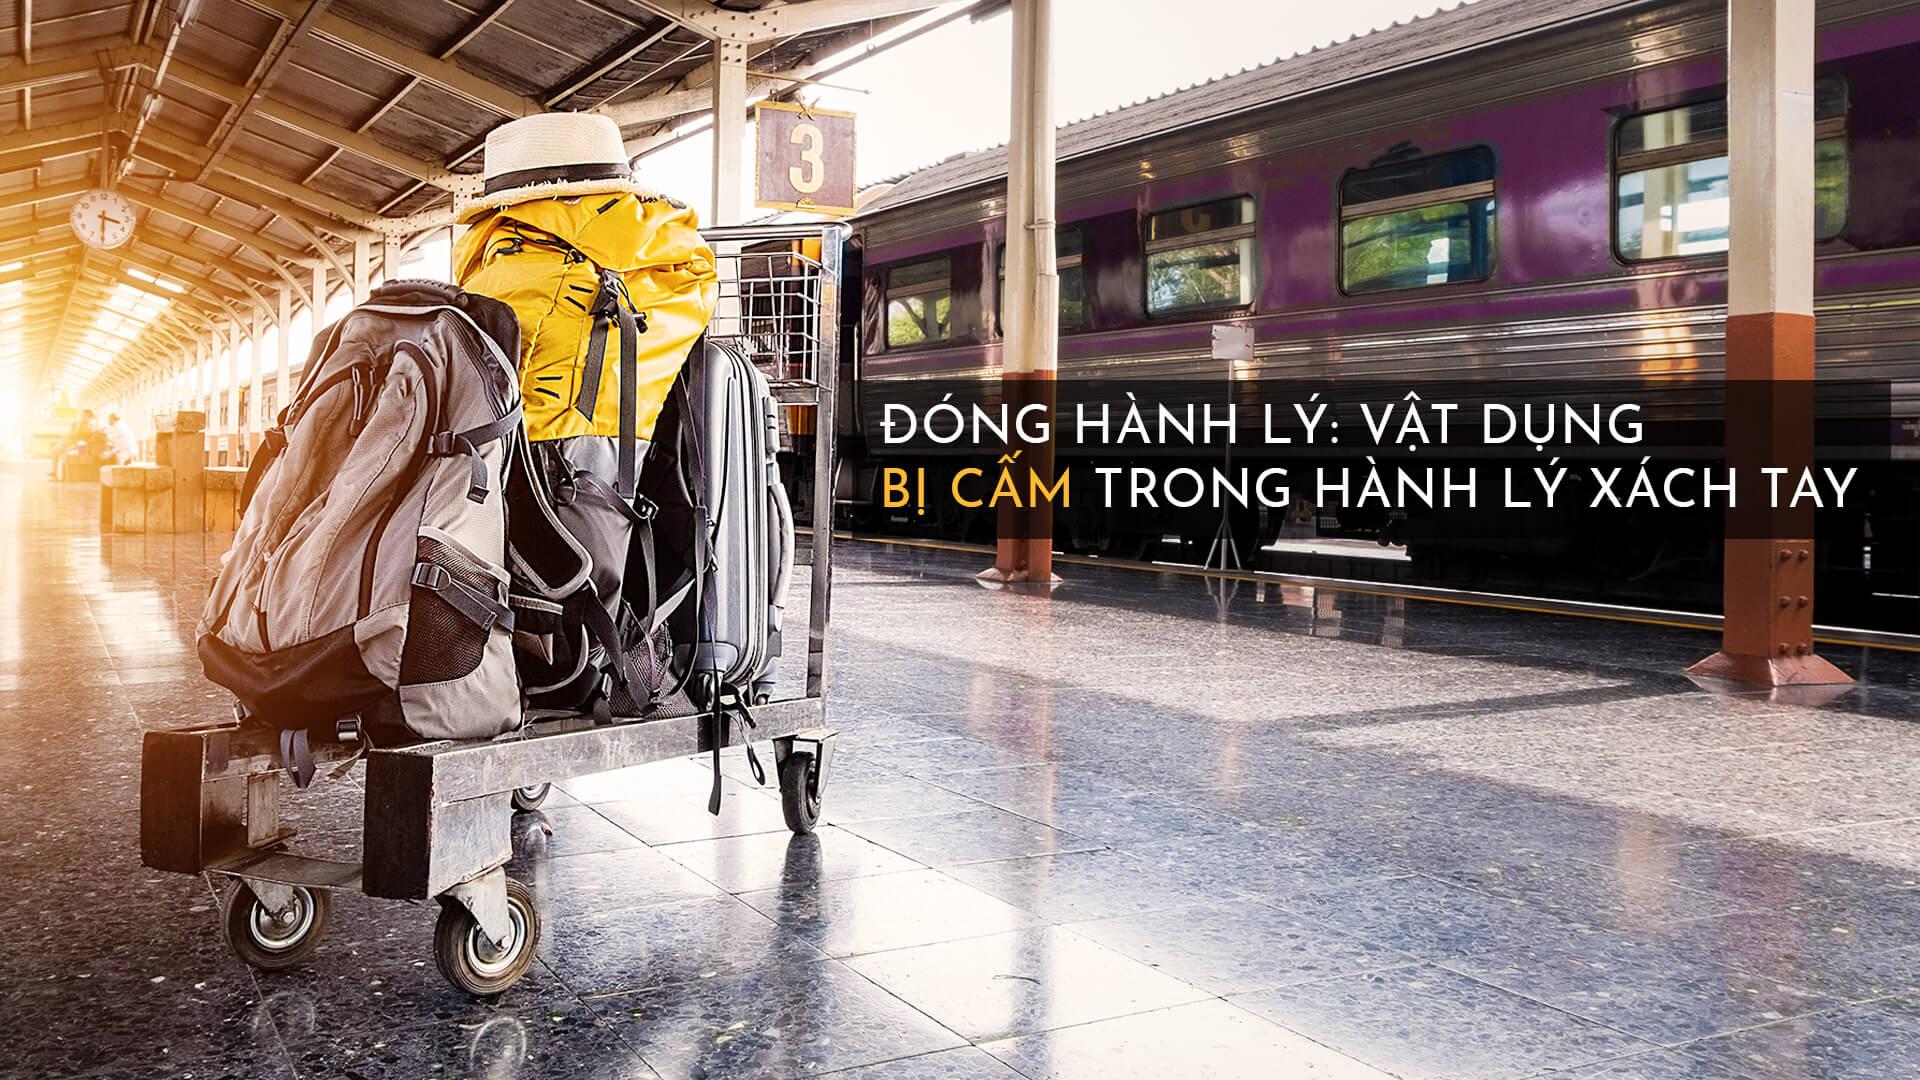 Kinh nghiệm đóng hành lý: Vật dụng bị cấm trong hành lý xách tay